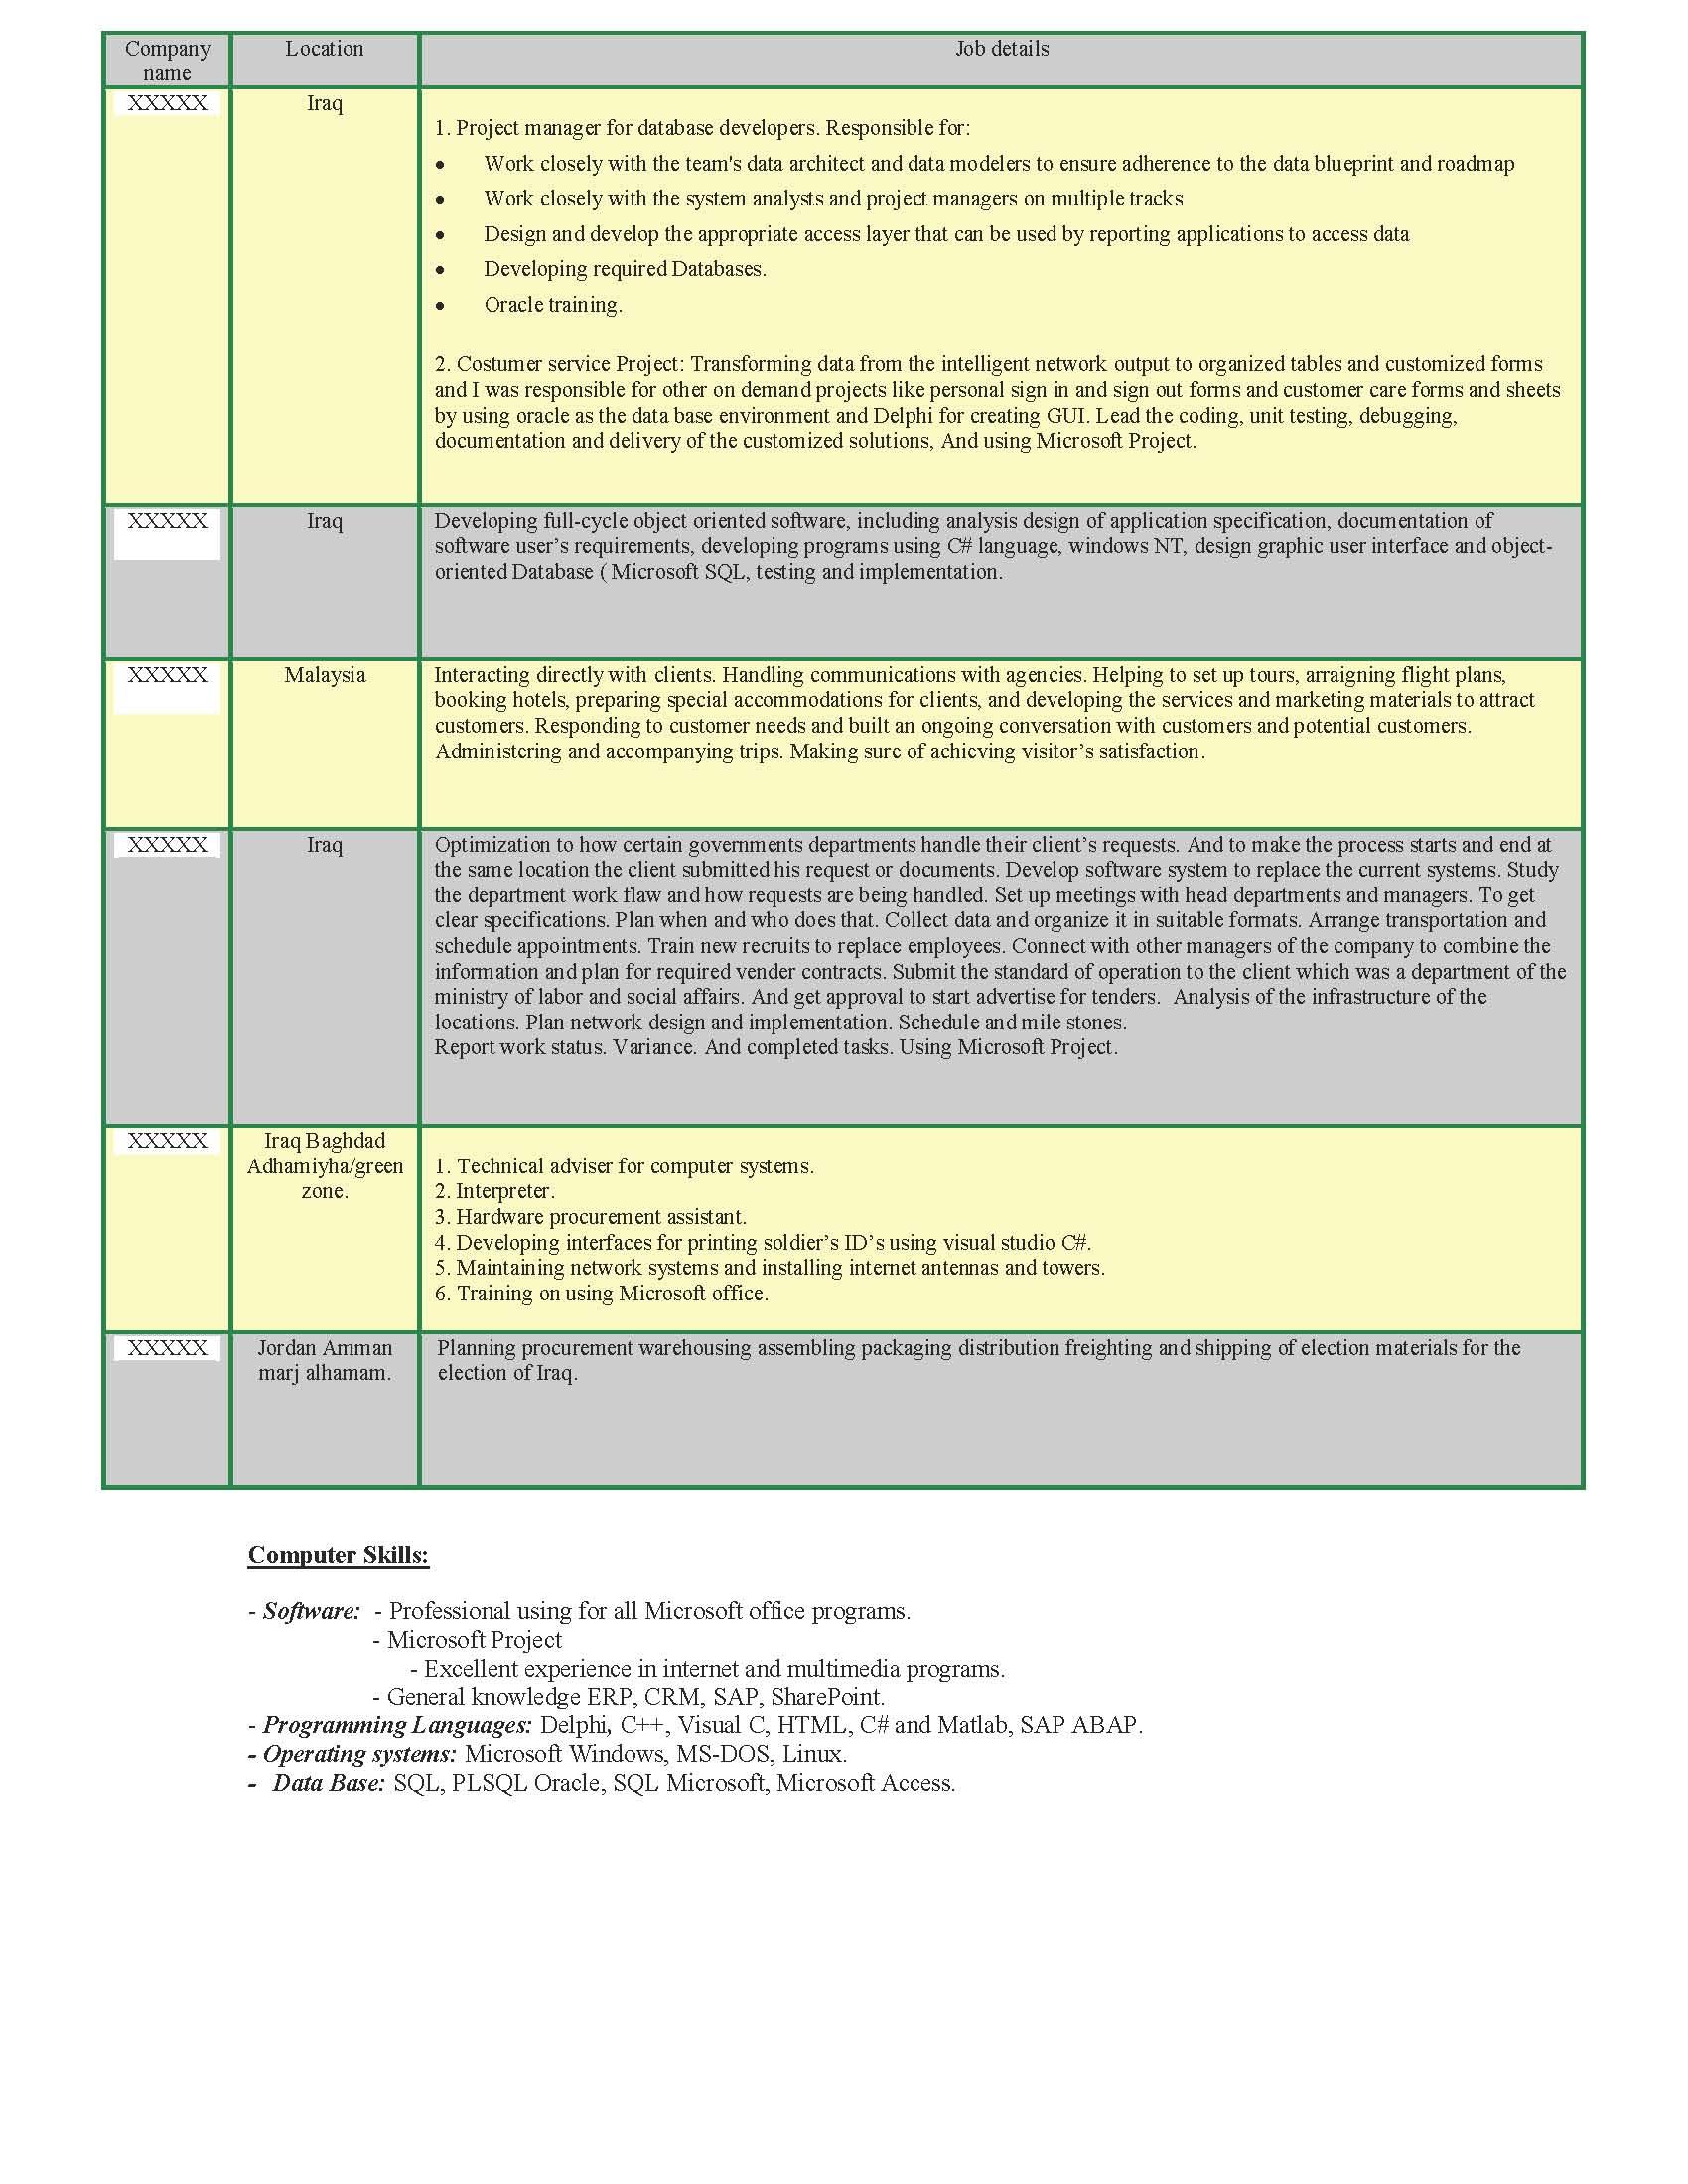 sample resumes for older job seekers resume and a curriculum vitae sample resumes for older job seekers job hunting and career tips for older workers aarp federal